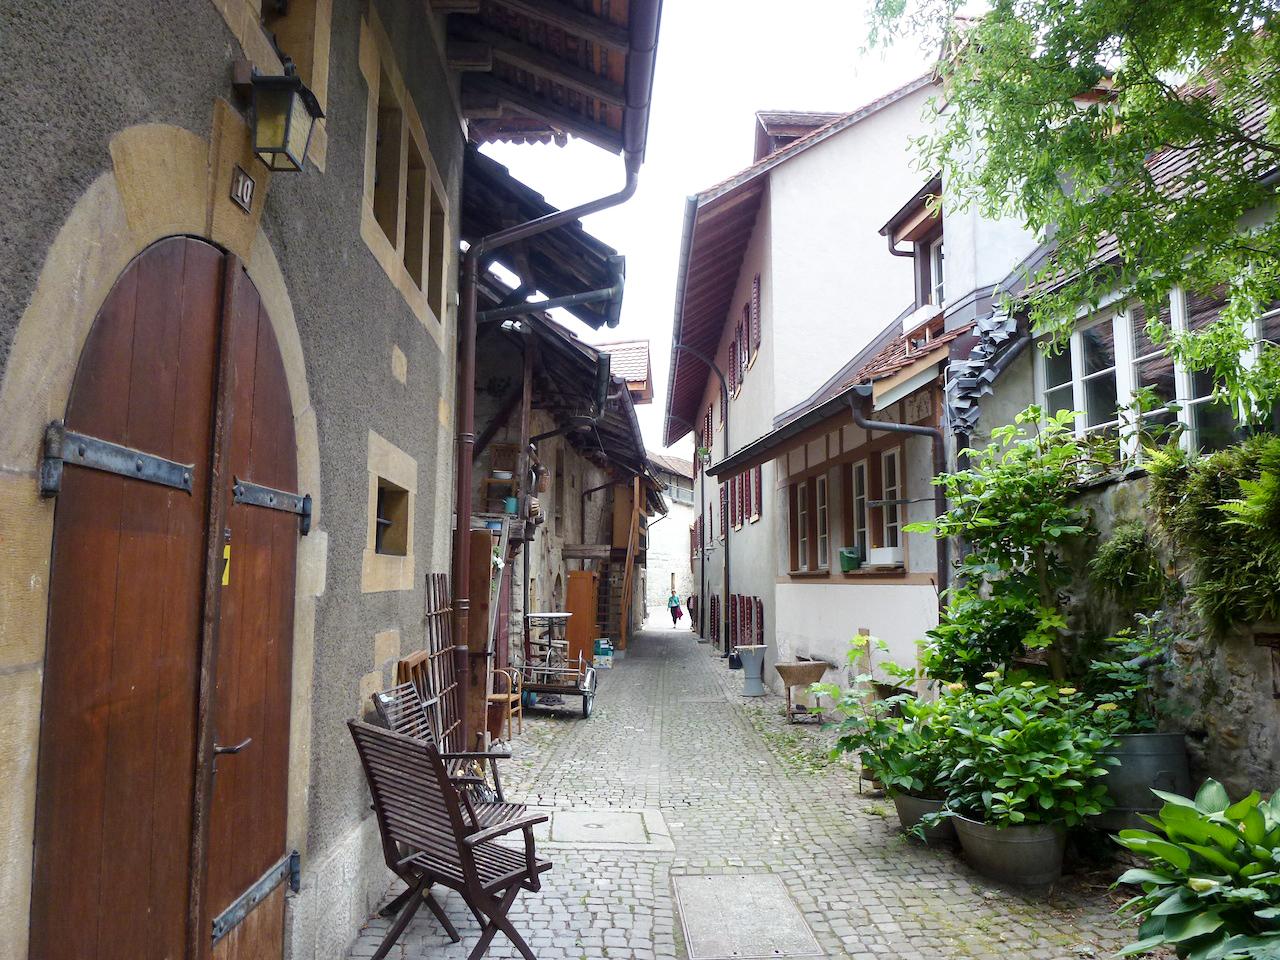 Viele Gassen führen durch die Murtner Altstadt